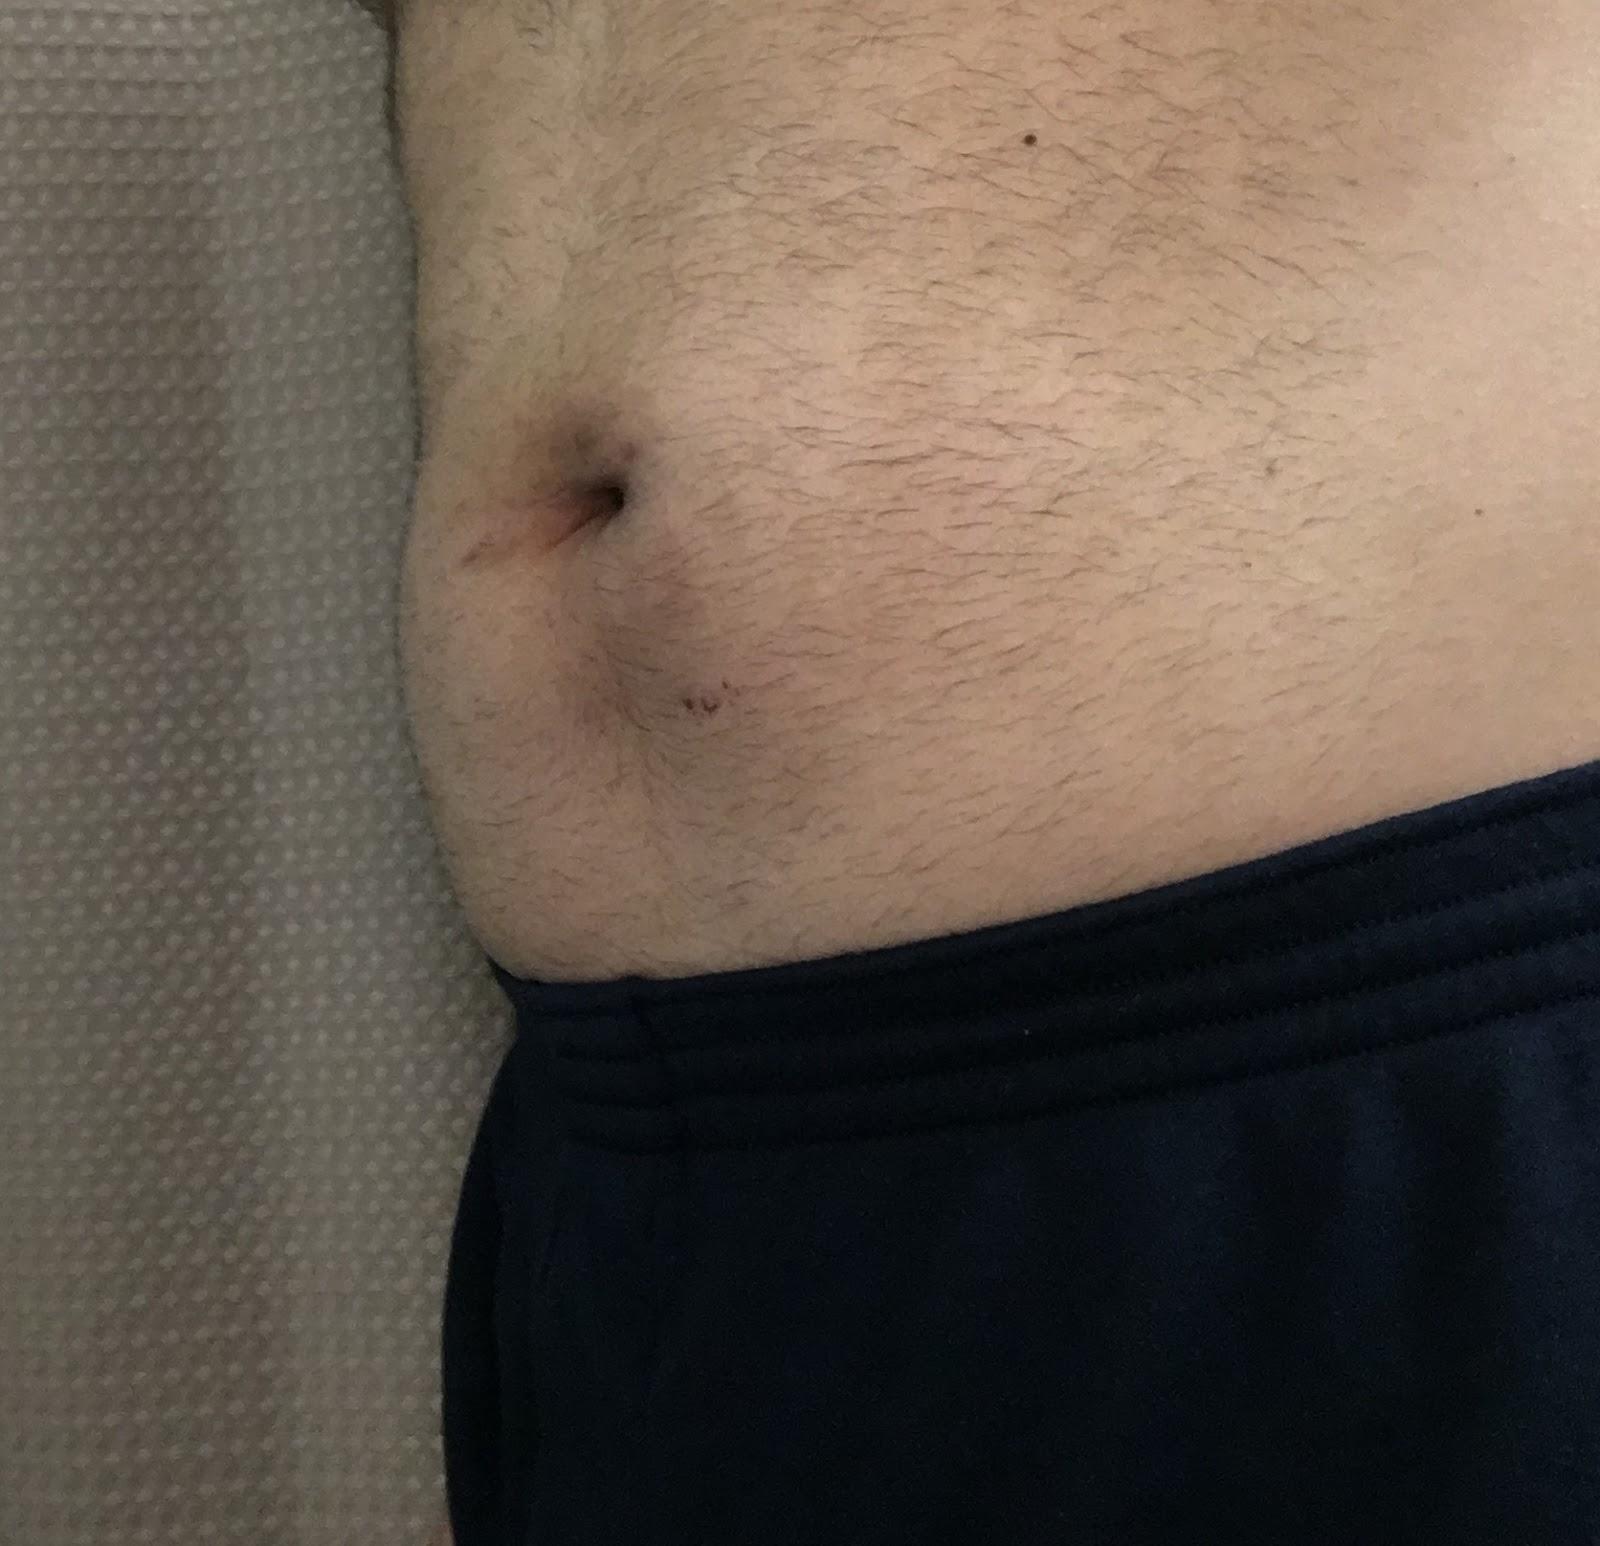 My hernia repair at Shouldice Hospital